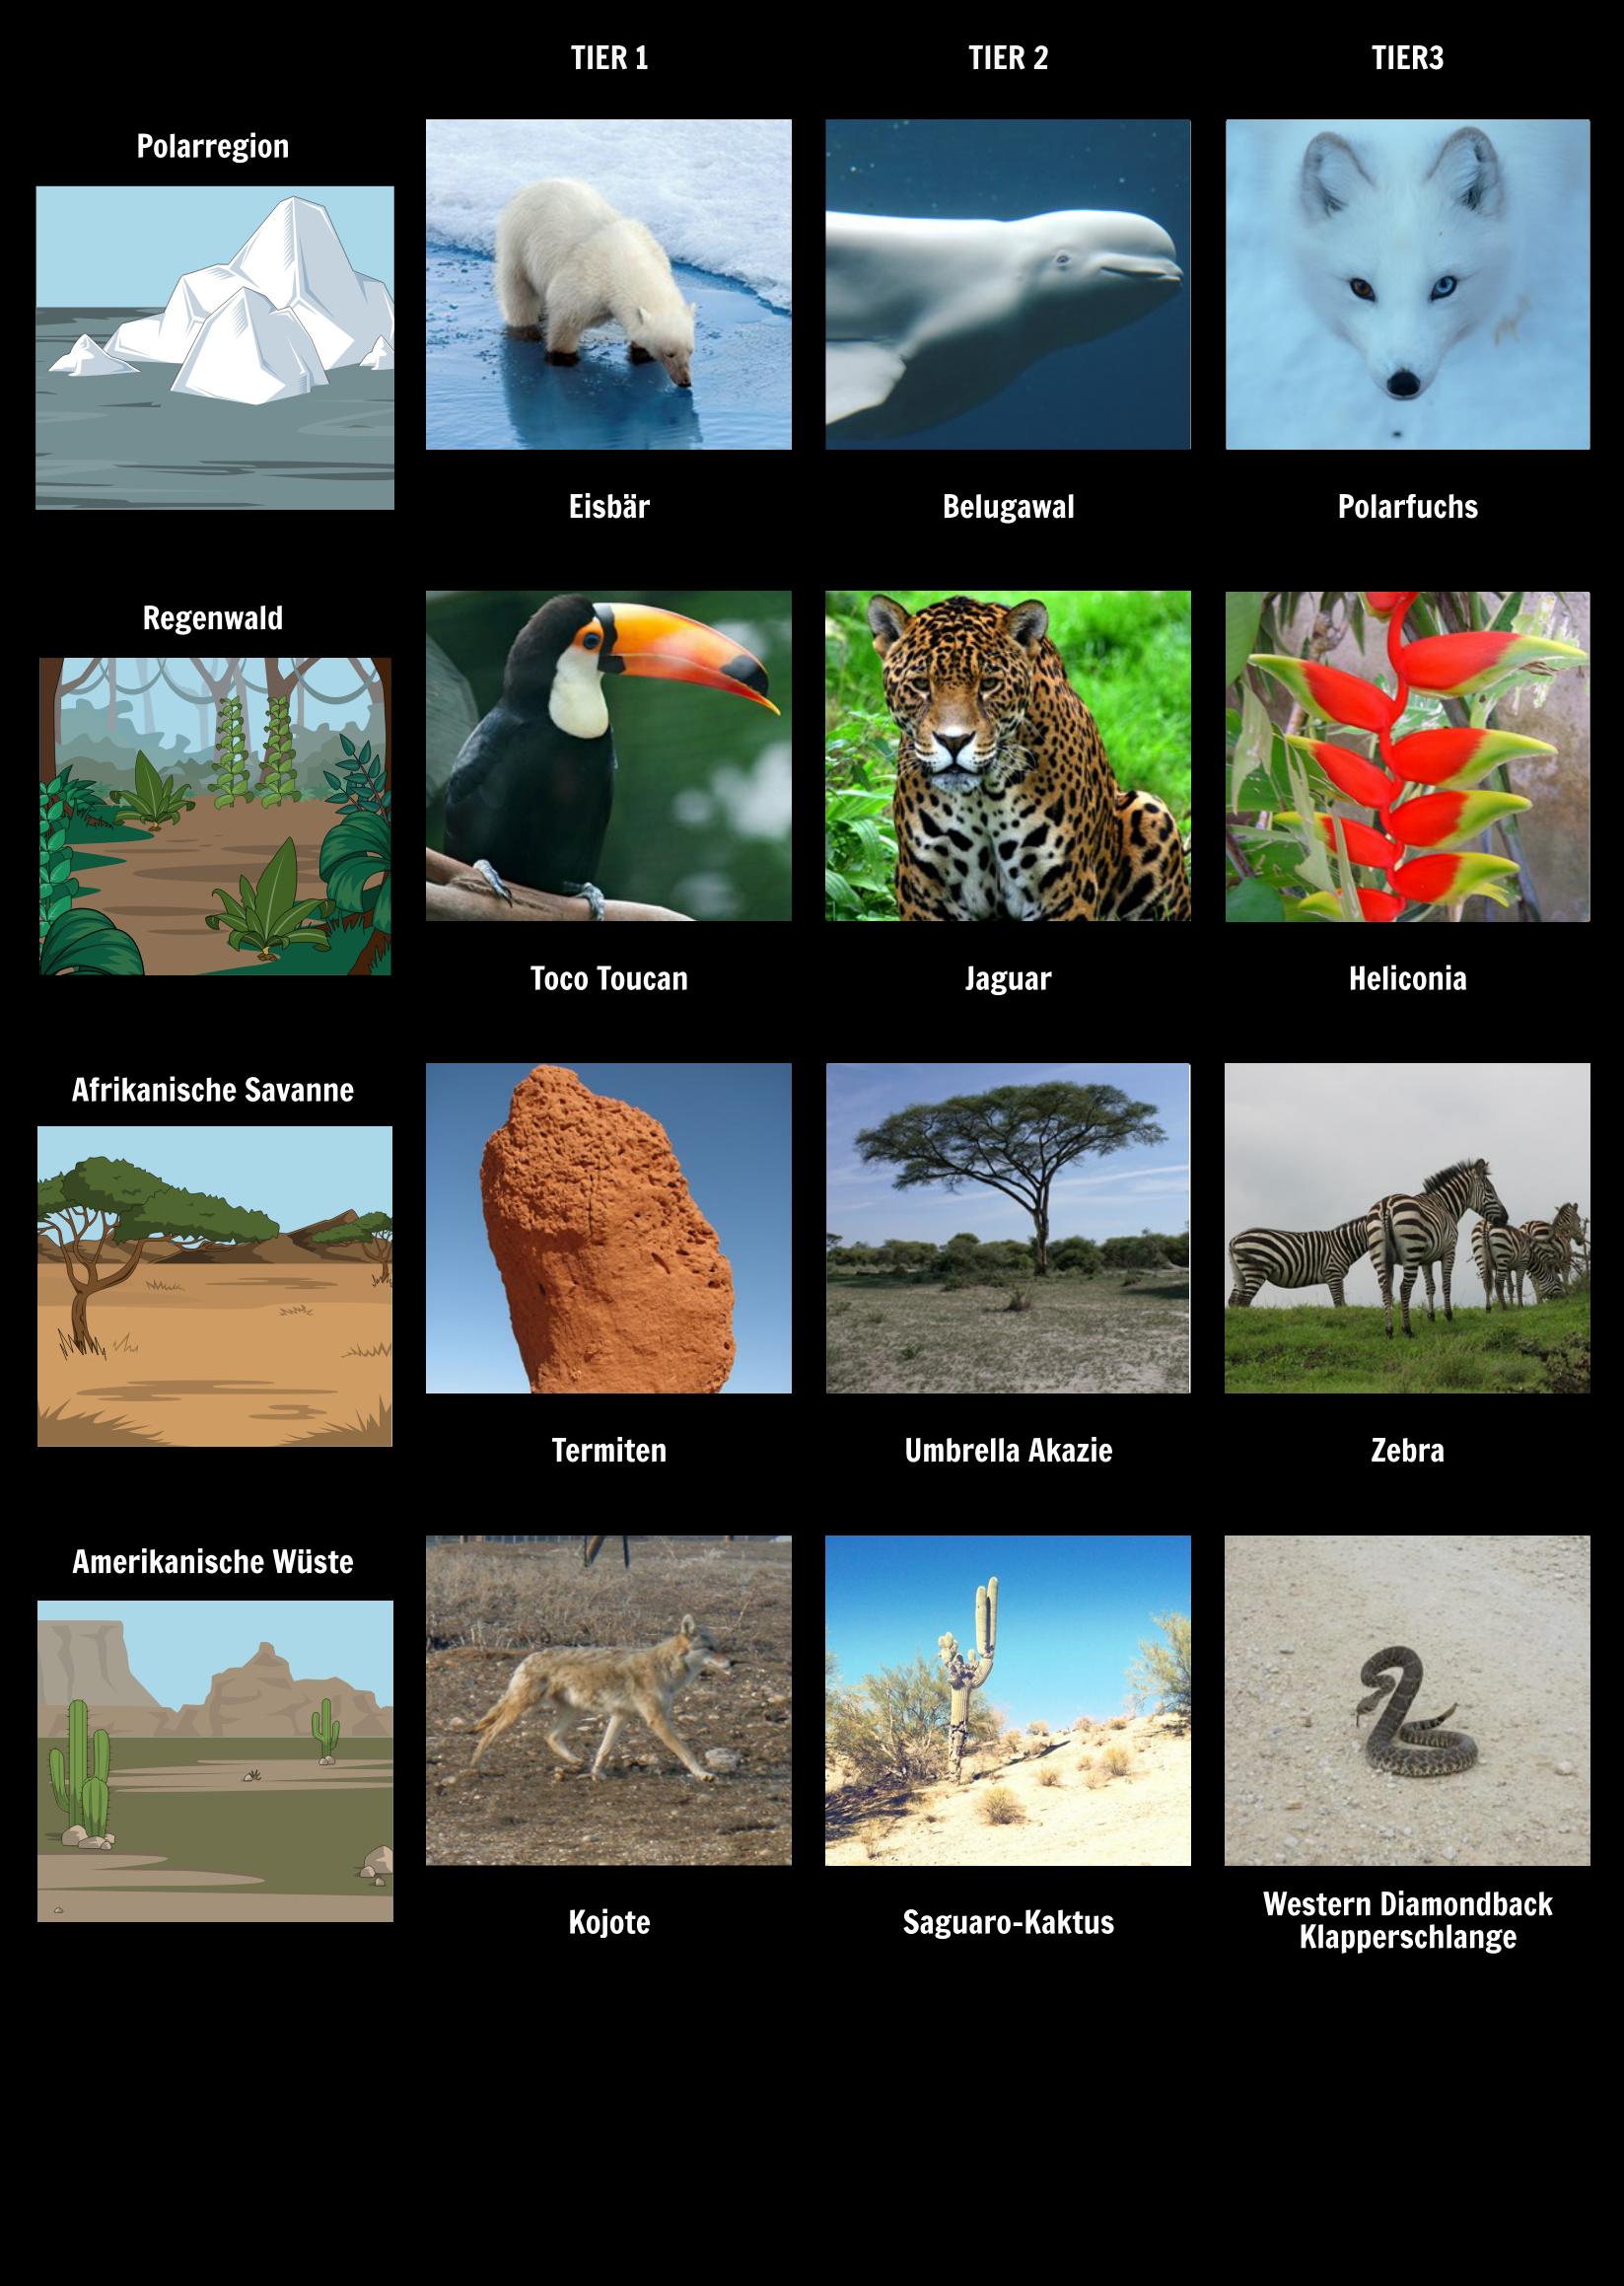 Tieranpassungen in Verschiedenen Tierhabitaten | Animal Adaptation ...